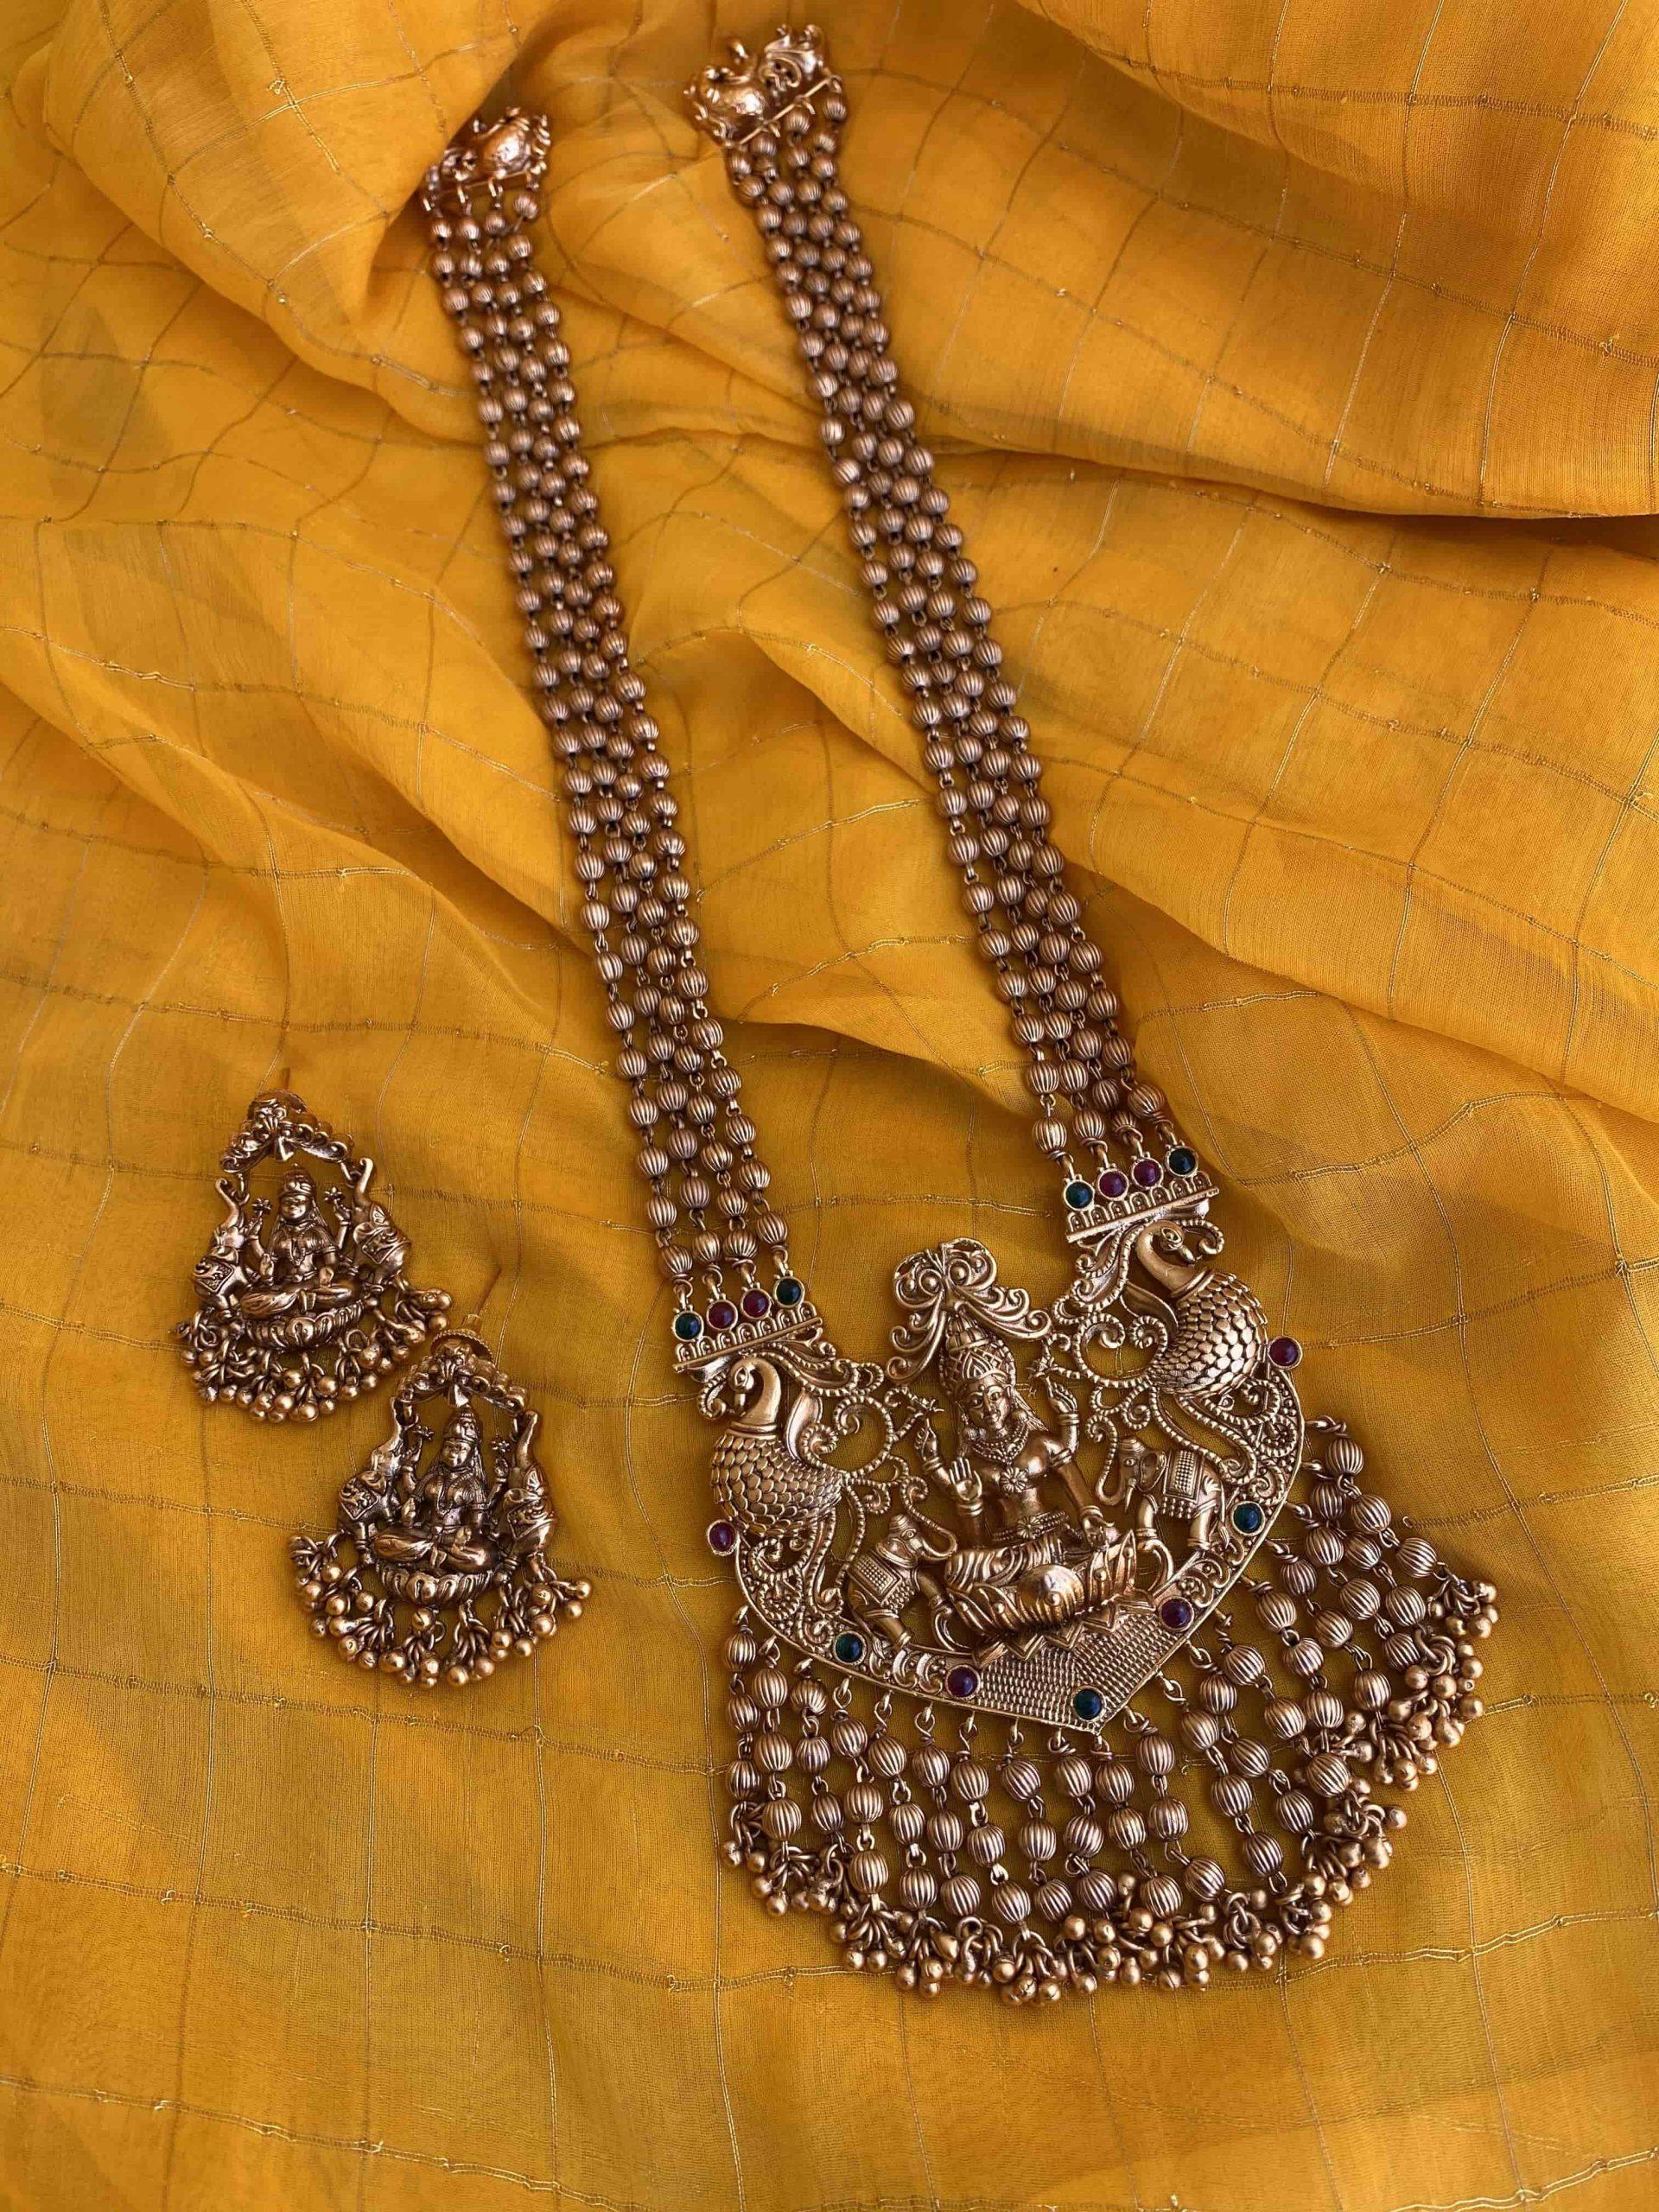 Imitation-Goddess-Lakshmi-Long-Haram-01